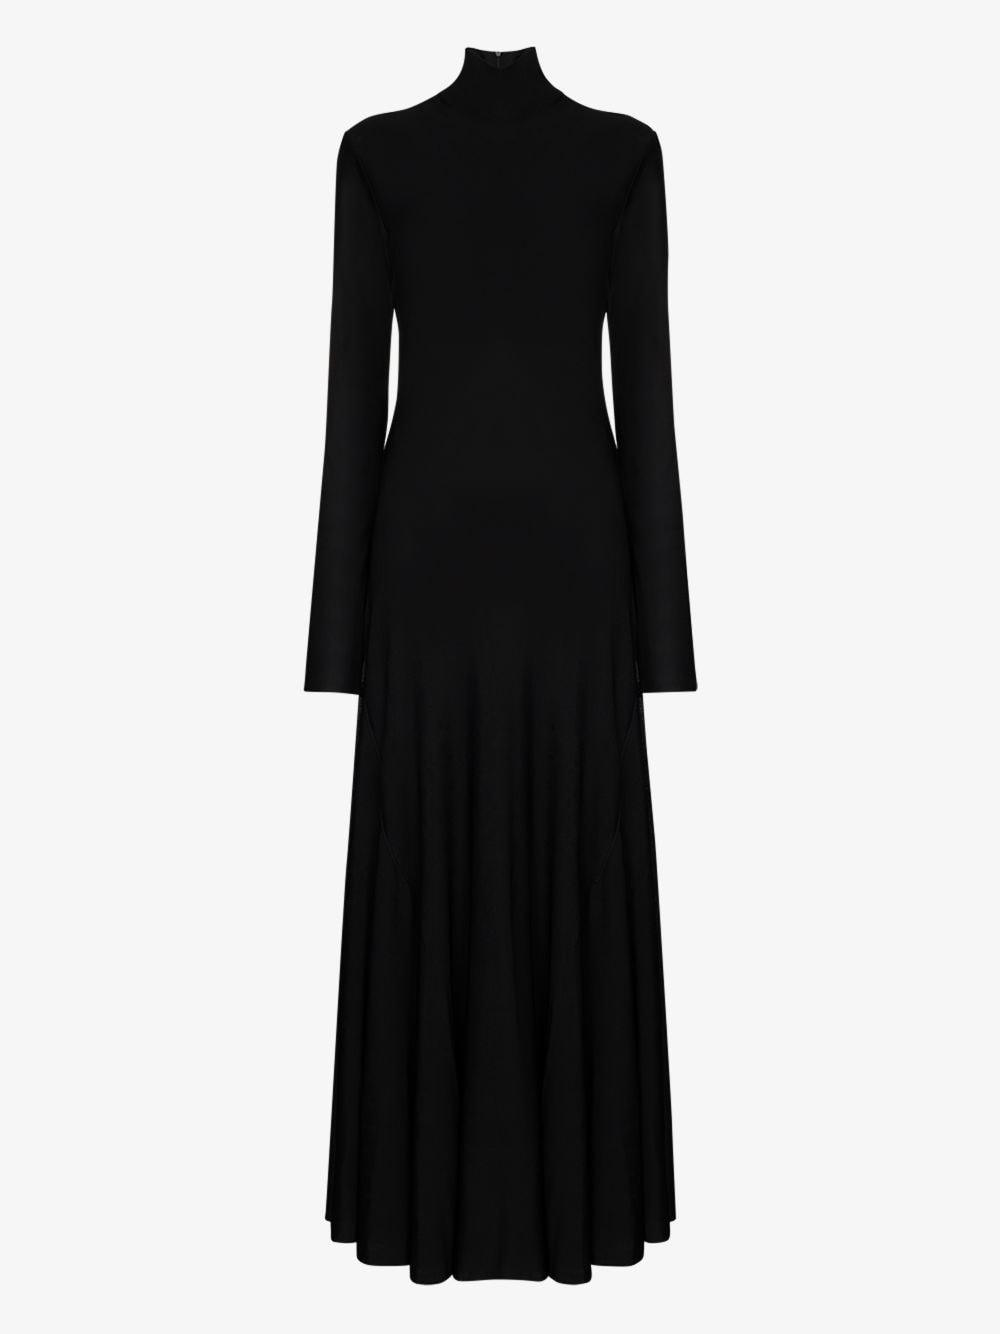 Black viscose high neck fluid dress featuring rear zip fastening BOTTEGA VENETA      640079-VKI601000